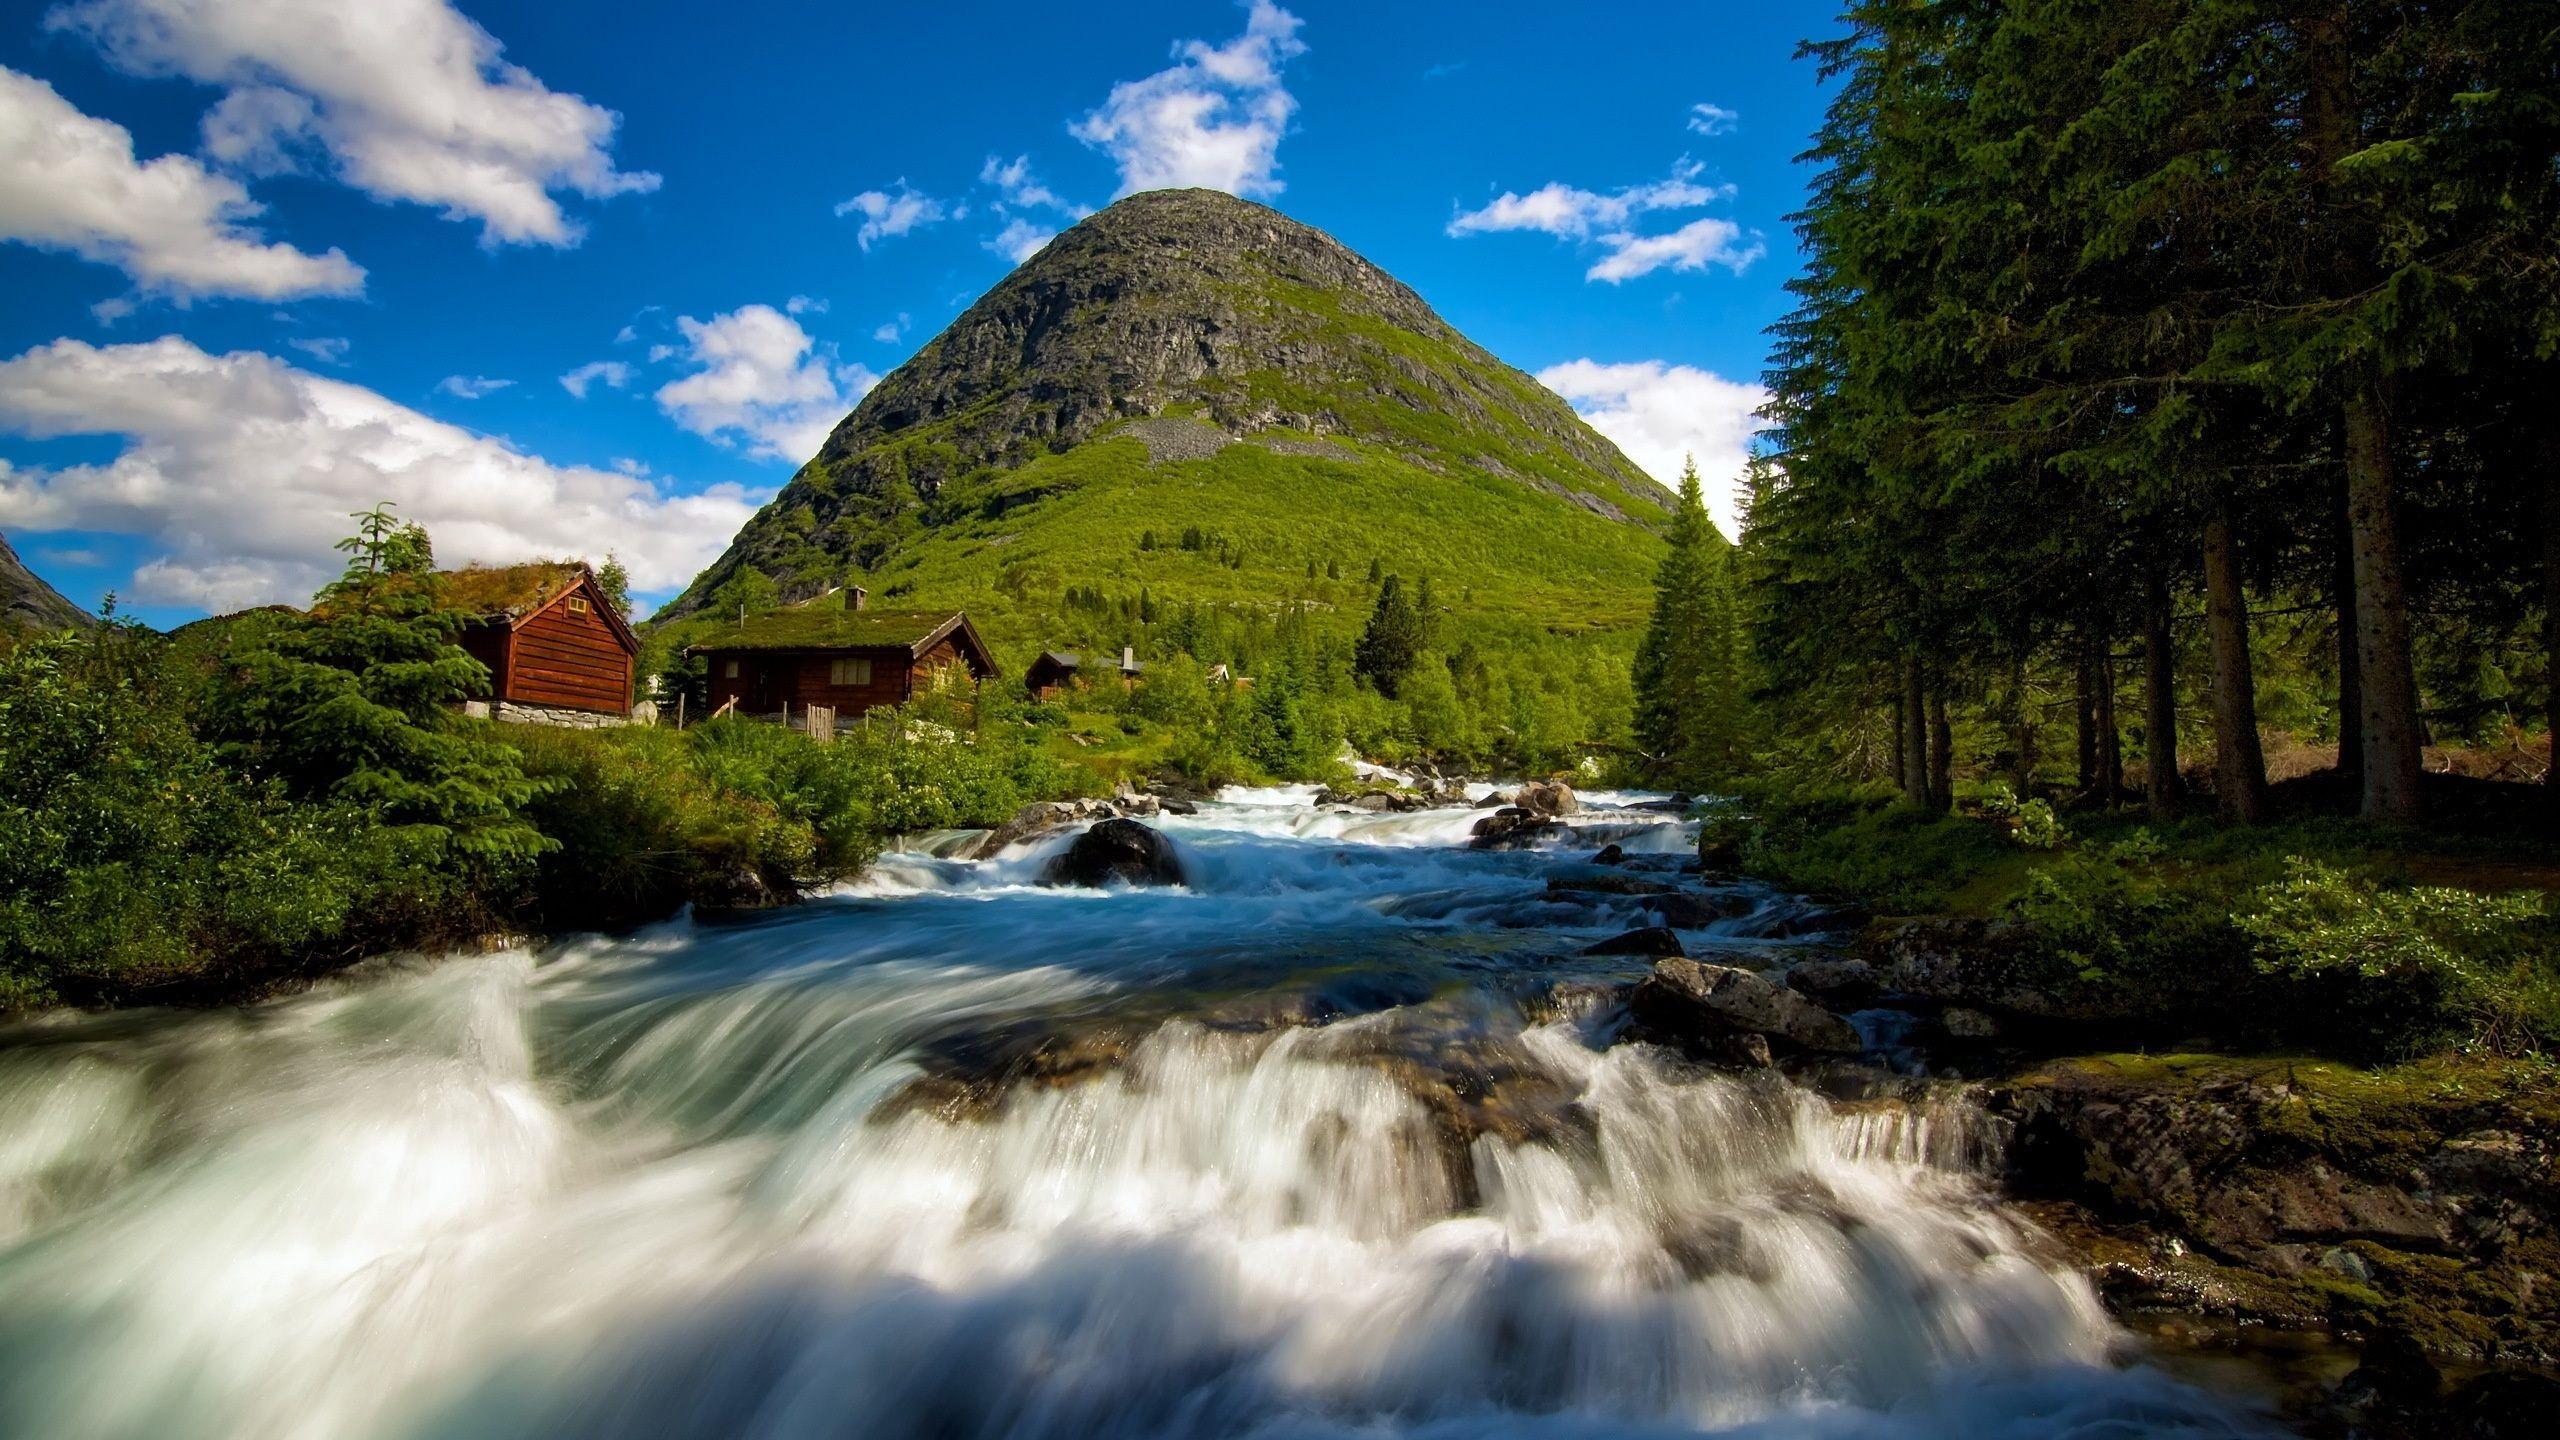 fond d 39 cran paysage cascade eau roche la nature rivi re parc national vall e r gion. Black Bedroom Furniture Sets. Home Design Ideas